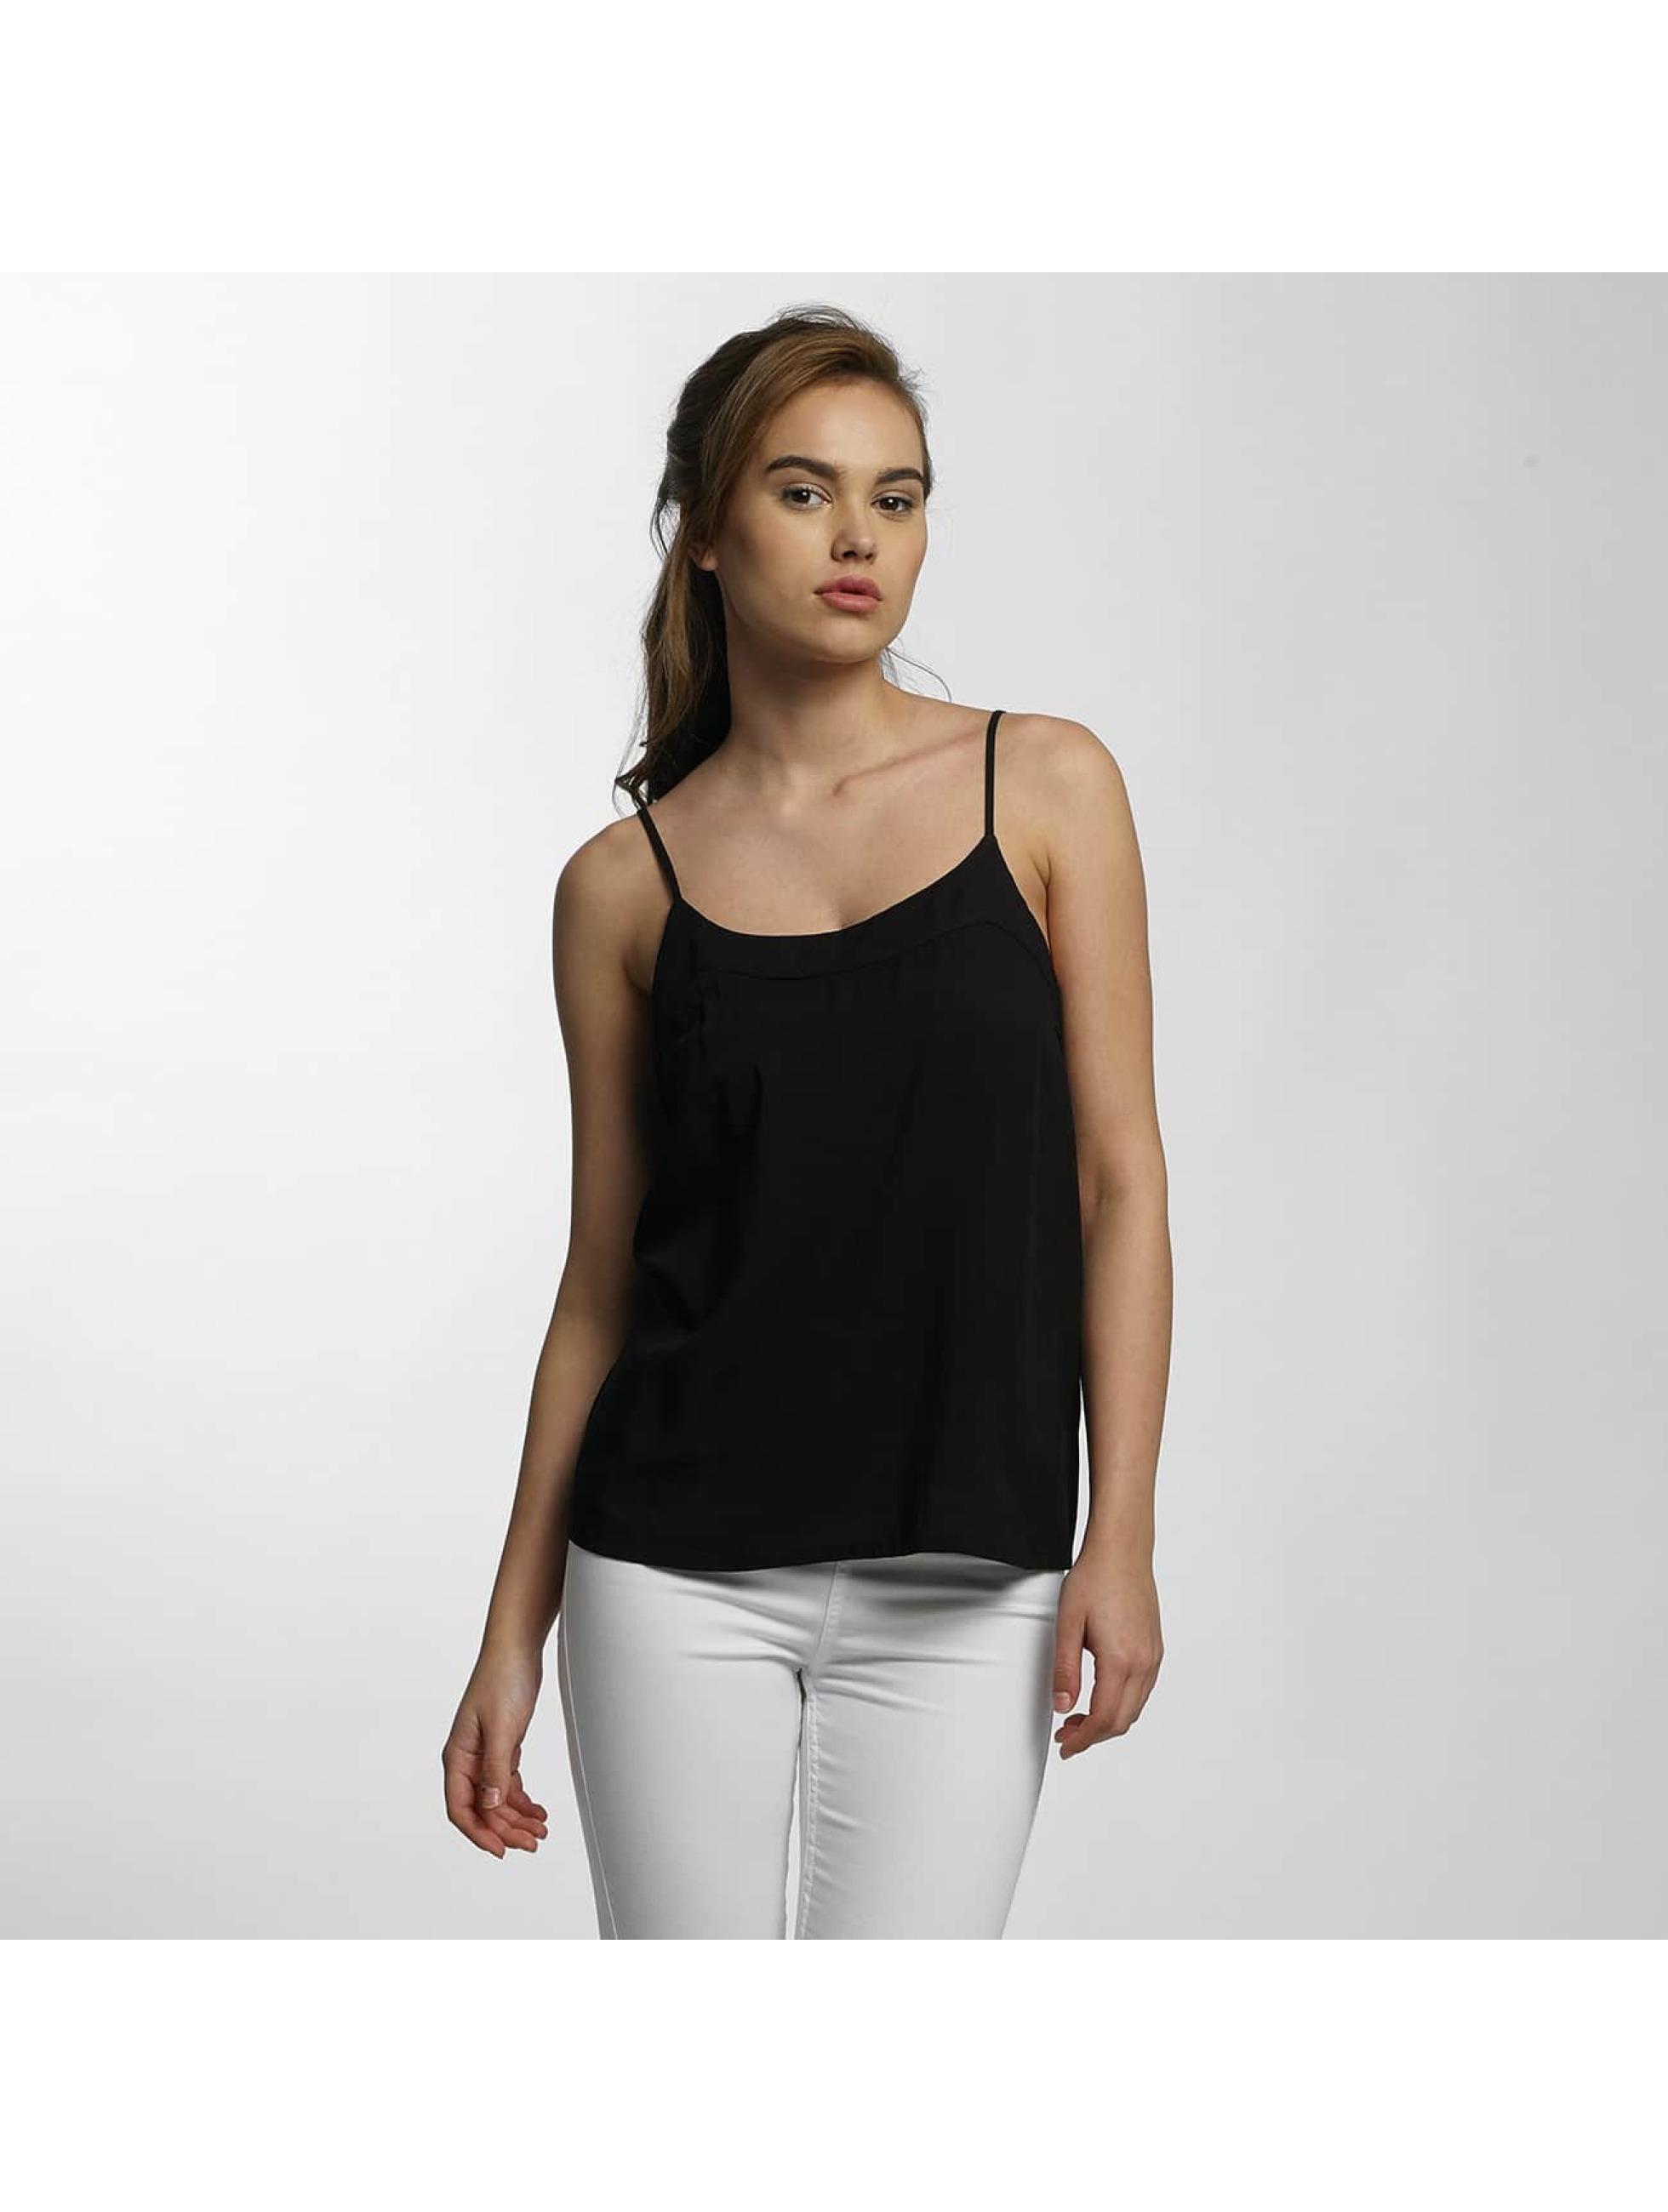 Vero Moda Frauen Top vmNow in schwarz